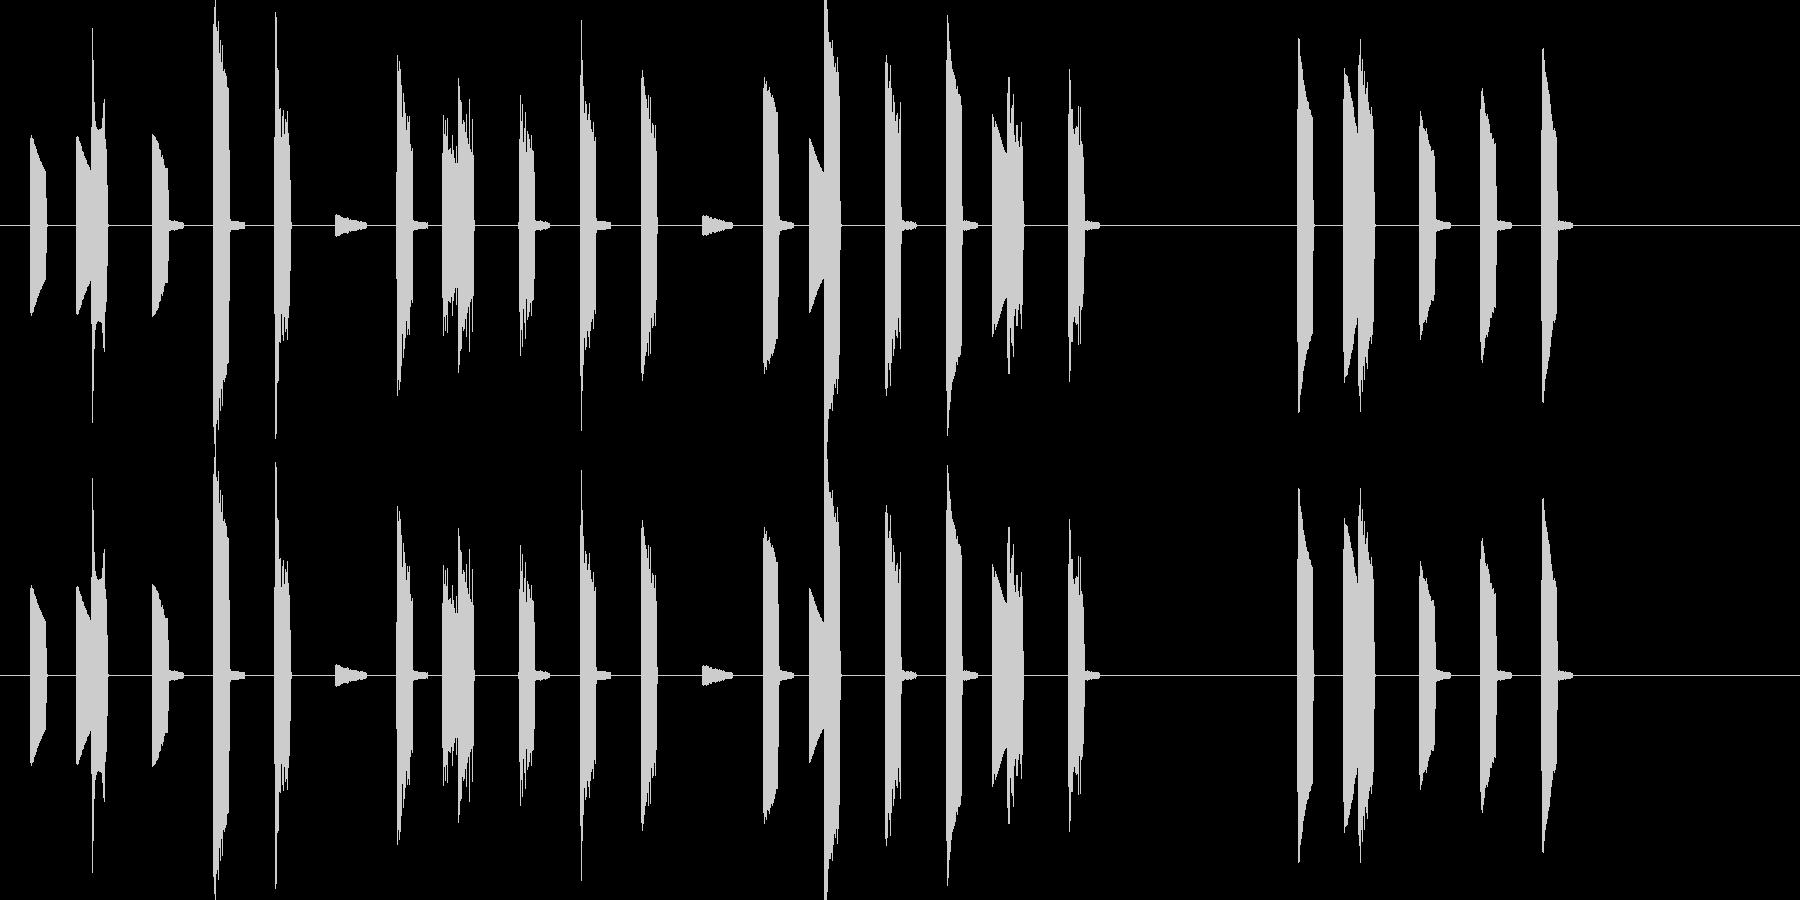 ハッピーバースデー 8bitの未再生の波形